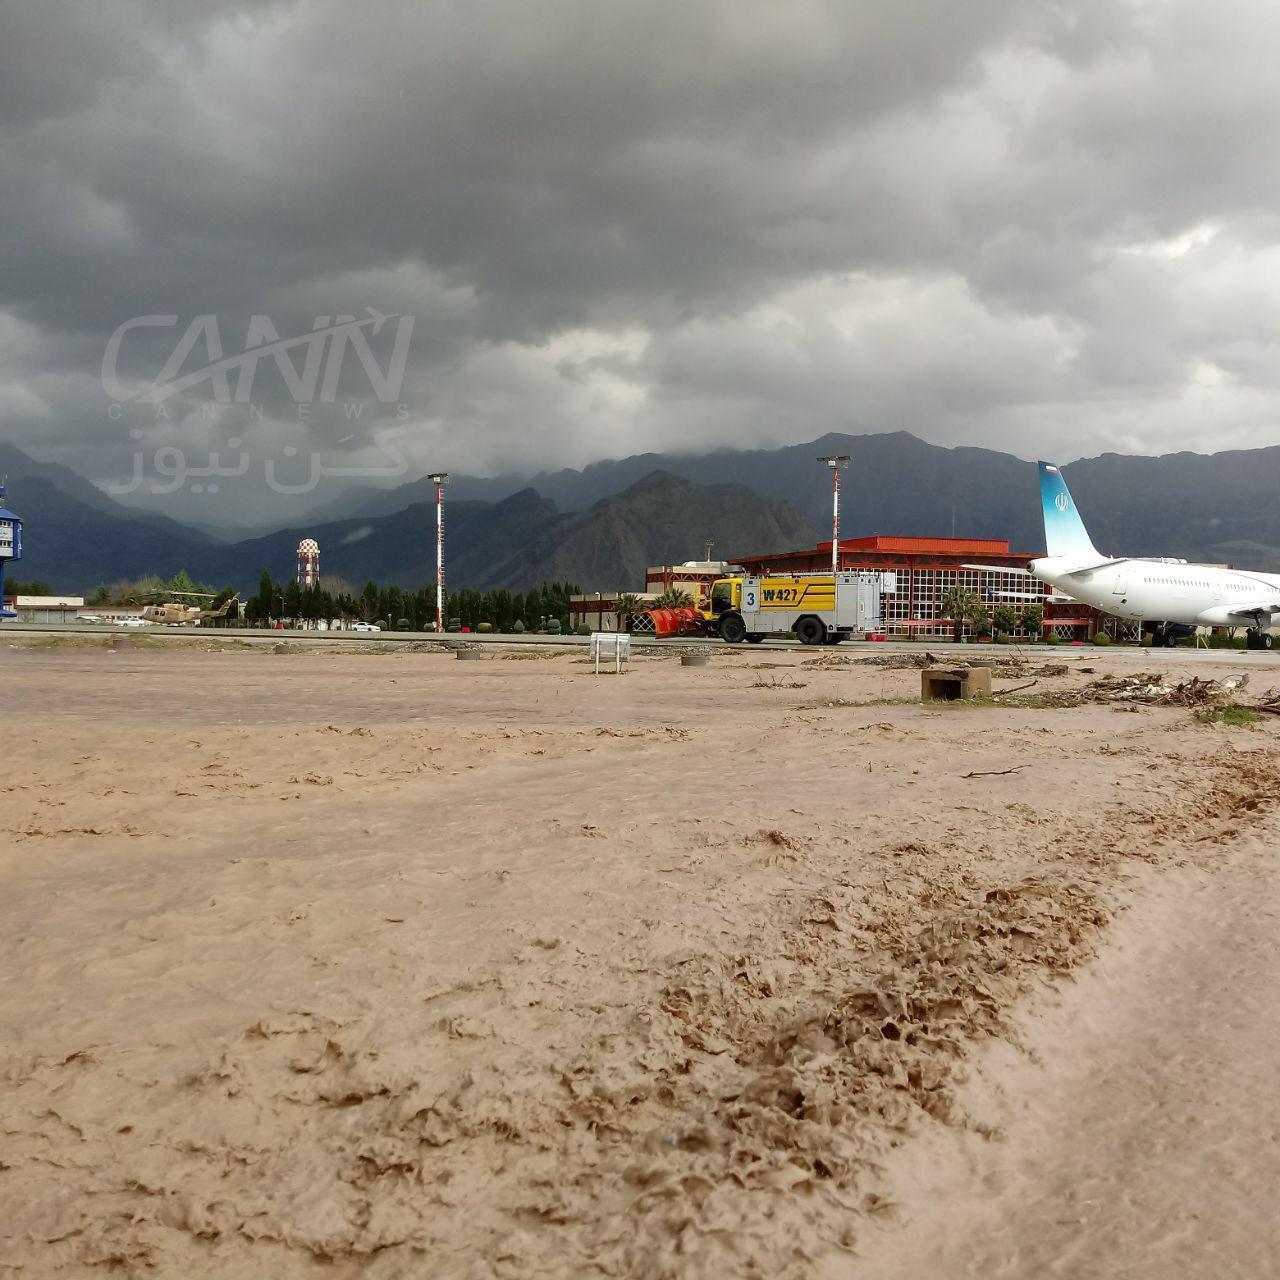 هواپیمای جهانگیری در محاصره سیل (+عکس)